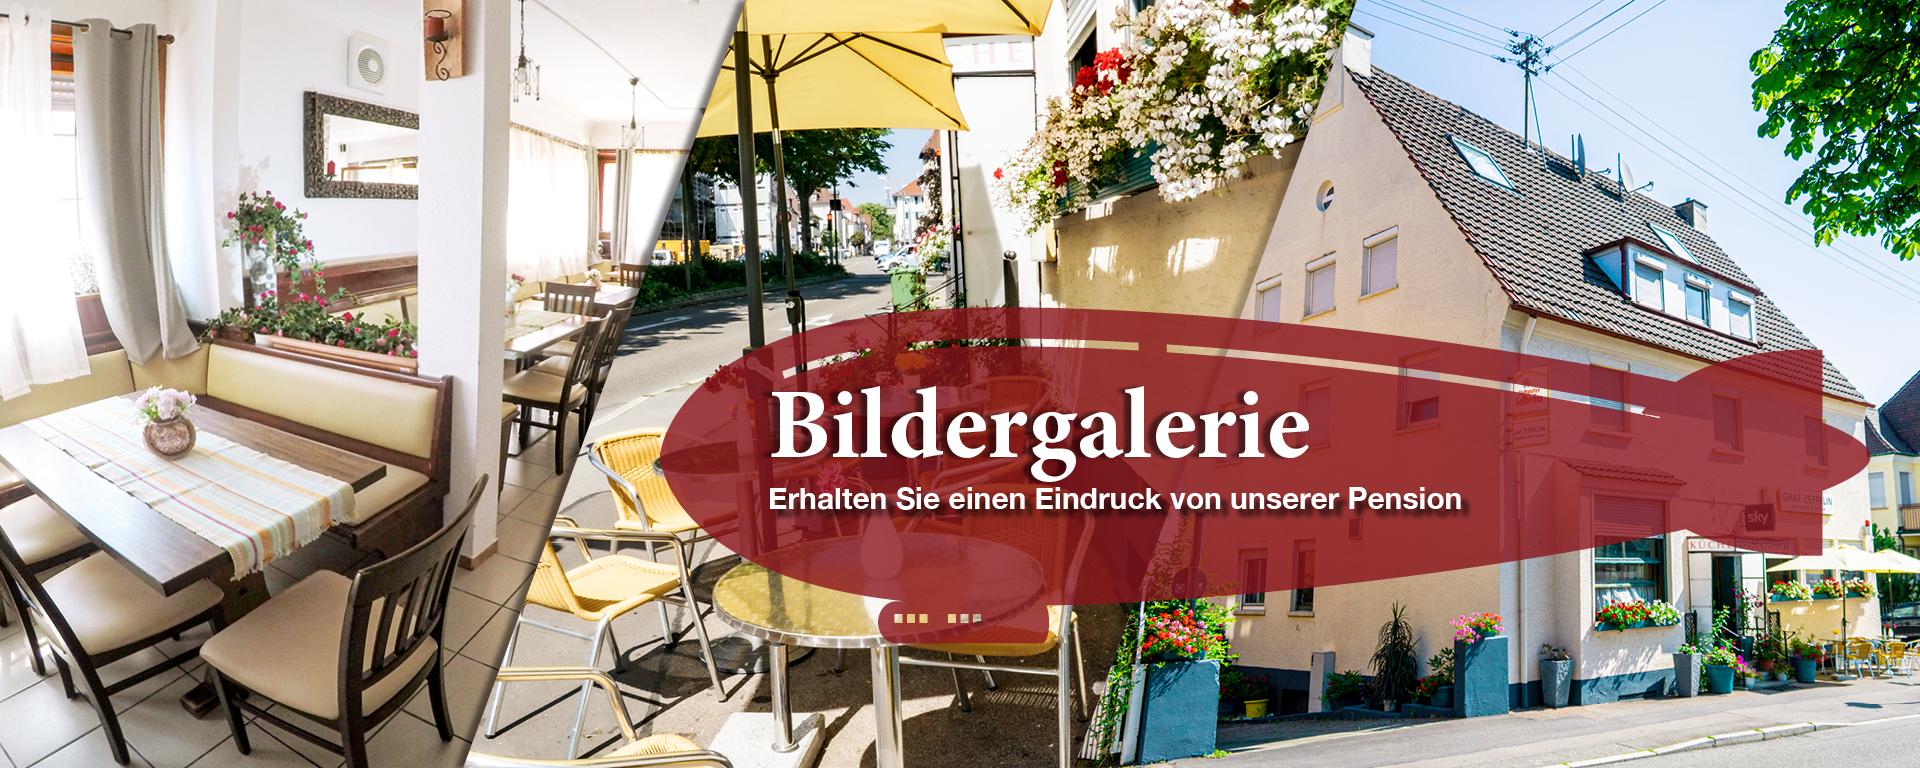 Bildergalerie, Pension, Kornwestheim, Schlafen, Übernachten